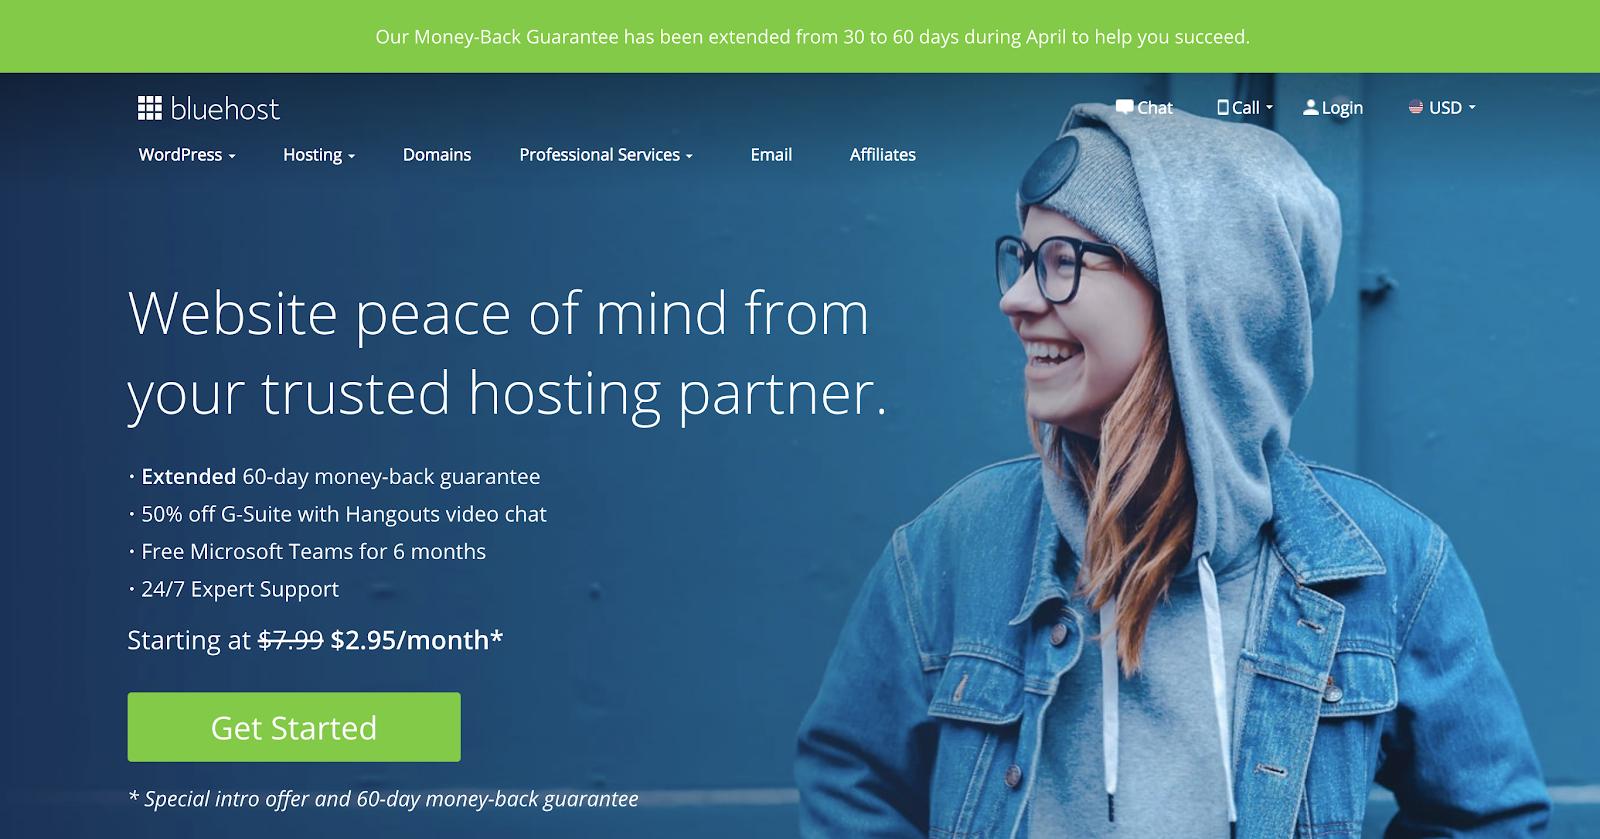 Captura de pantalla de la página de inicio de Bluehost Hosting Plans (para una velocidad de carga de página más rápida)